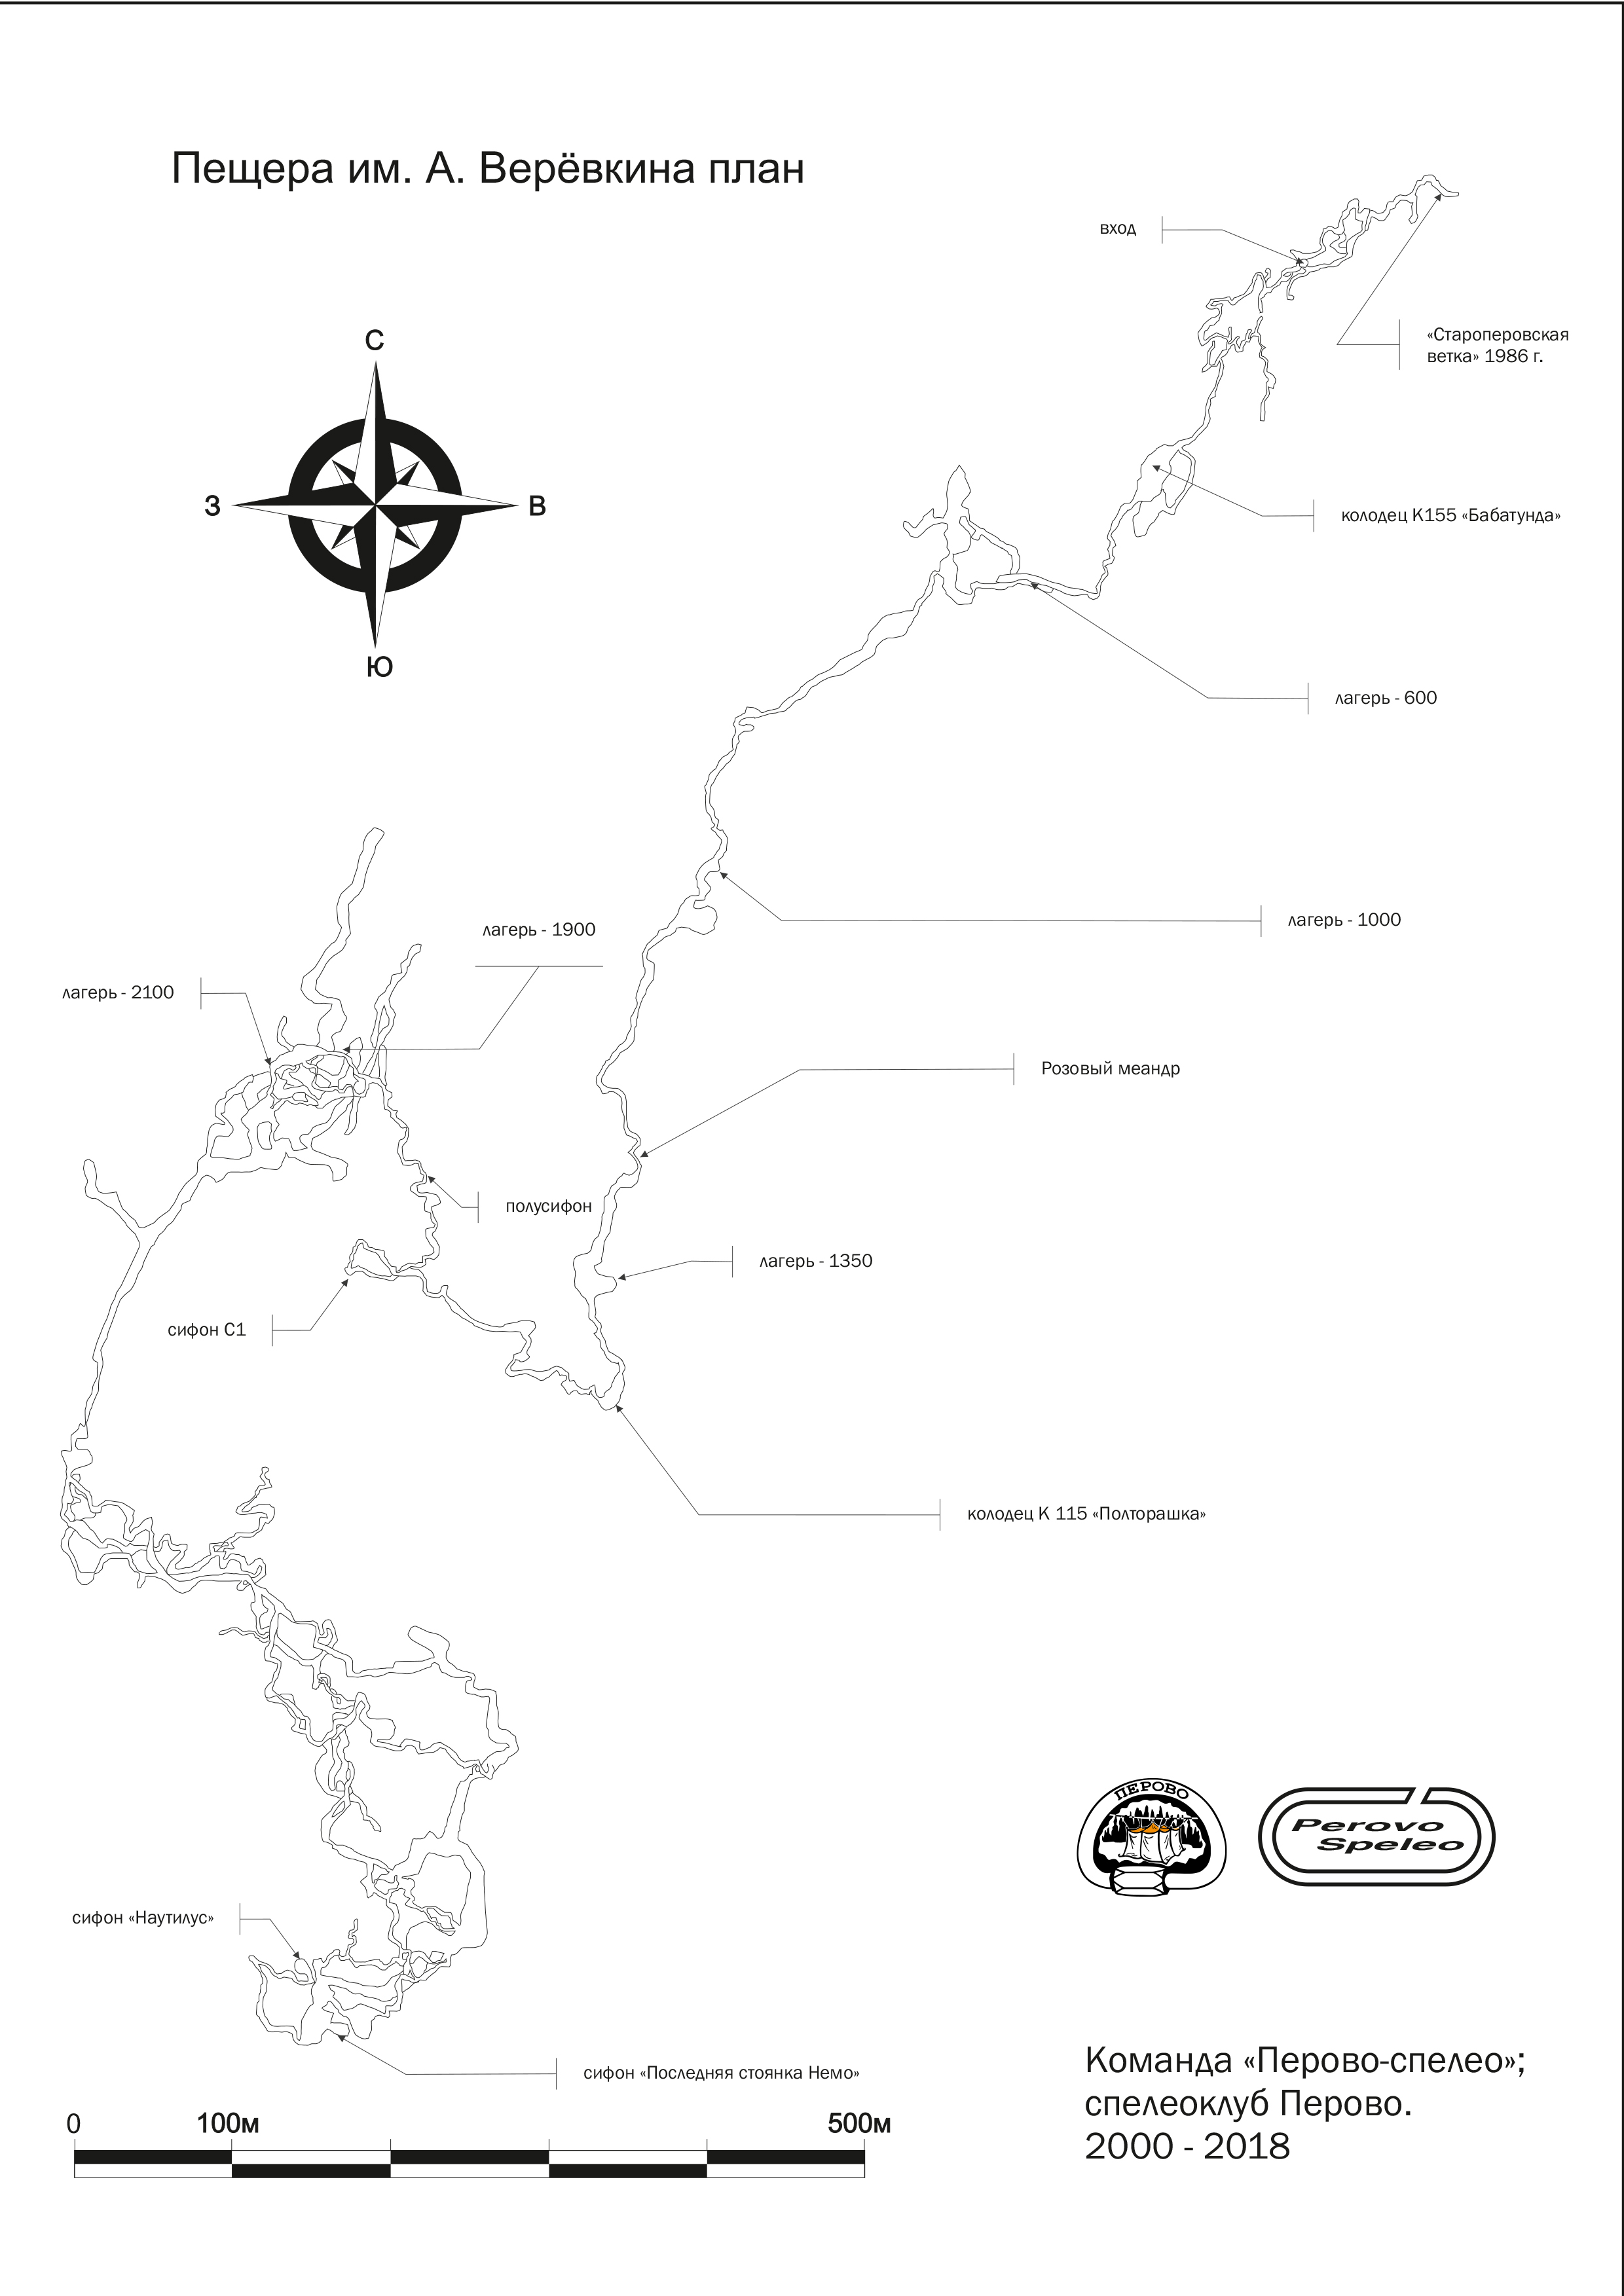 Топосъемка пещеры Верёвкина-план